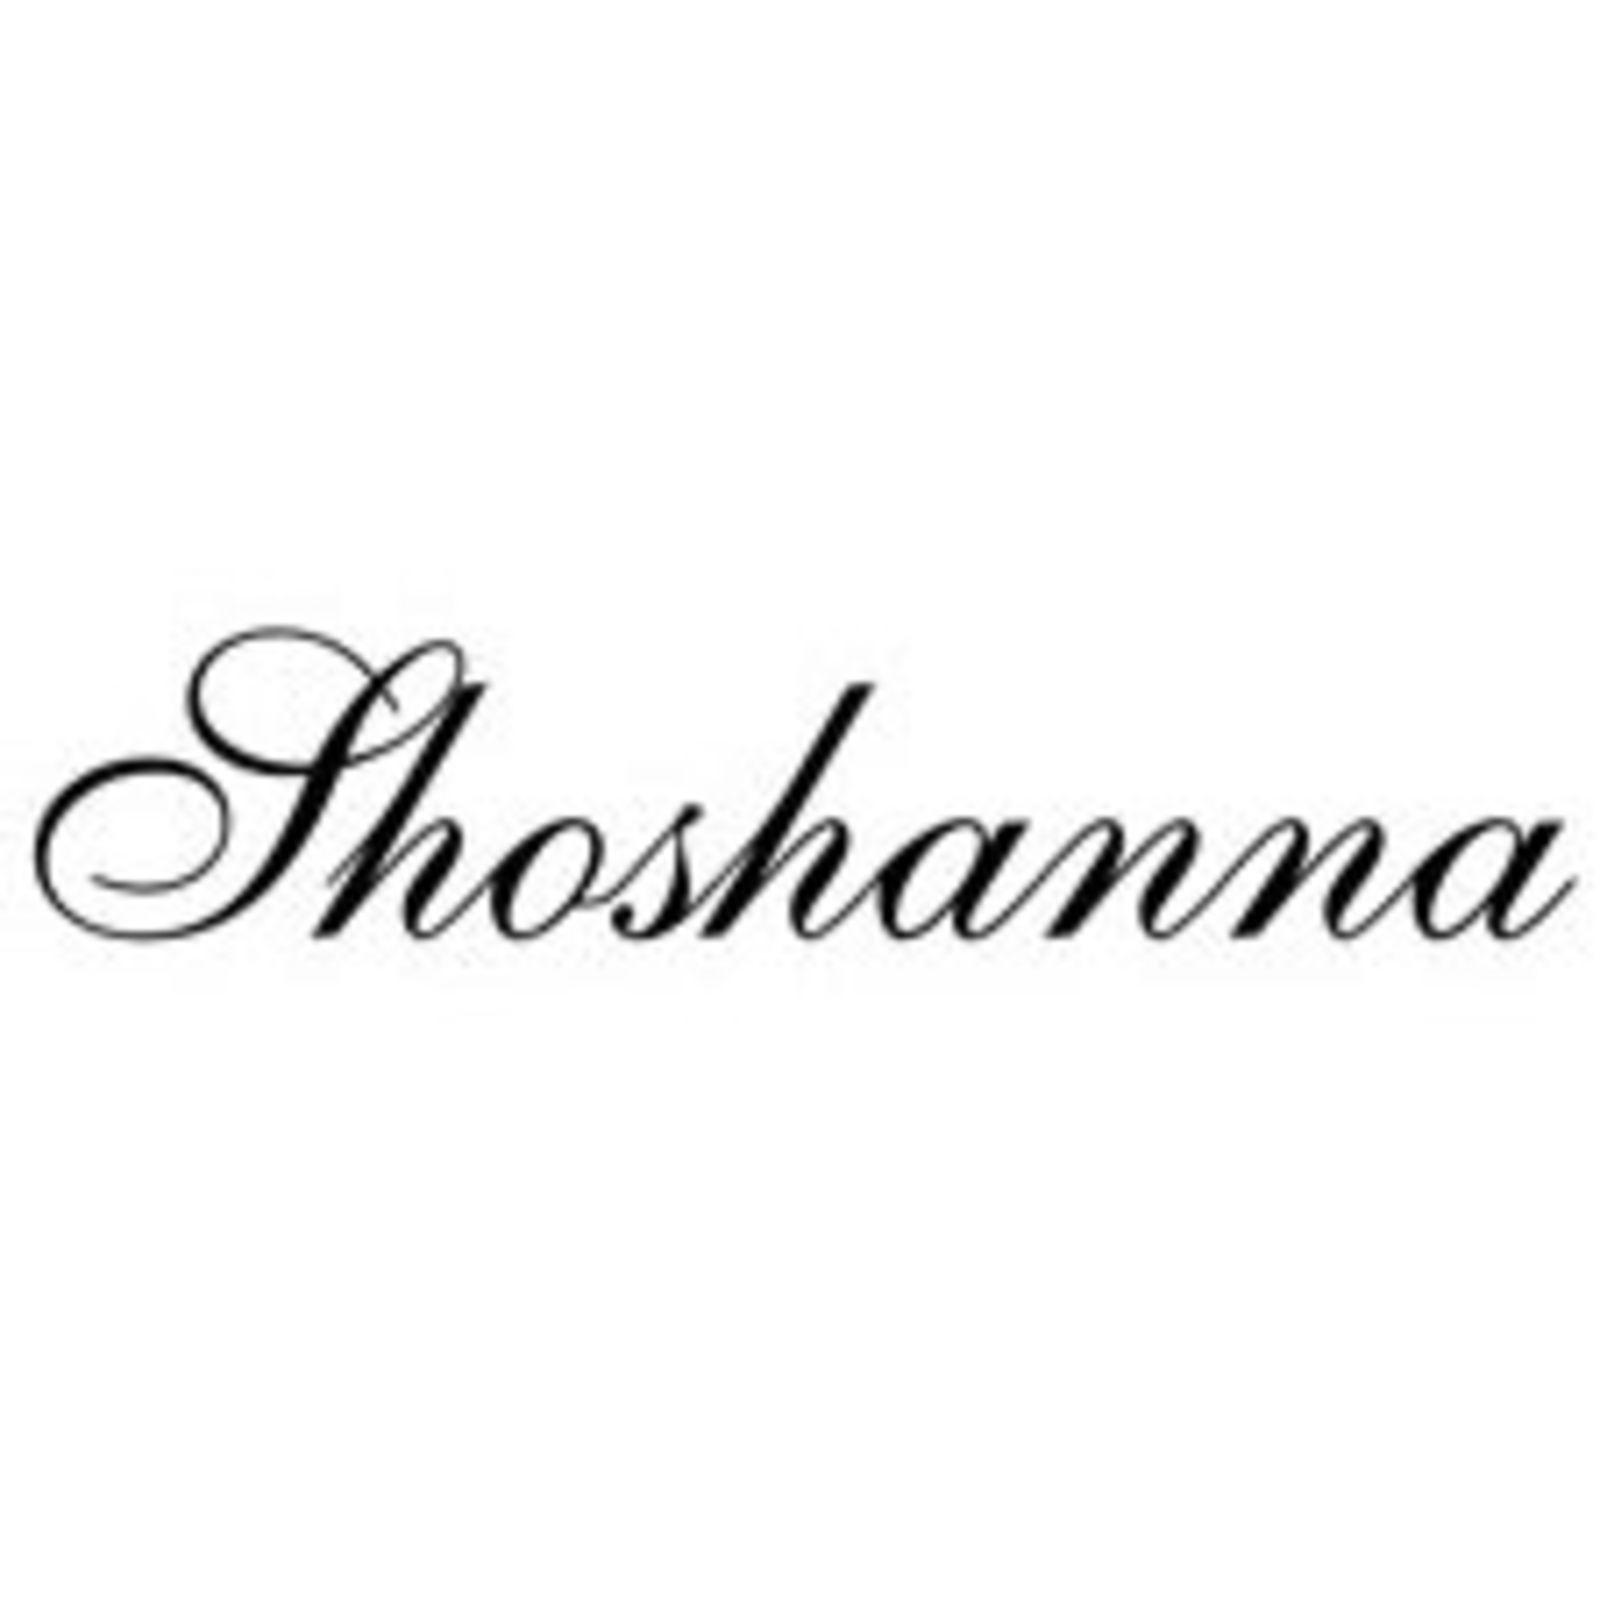 Shoshanna